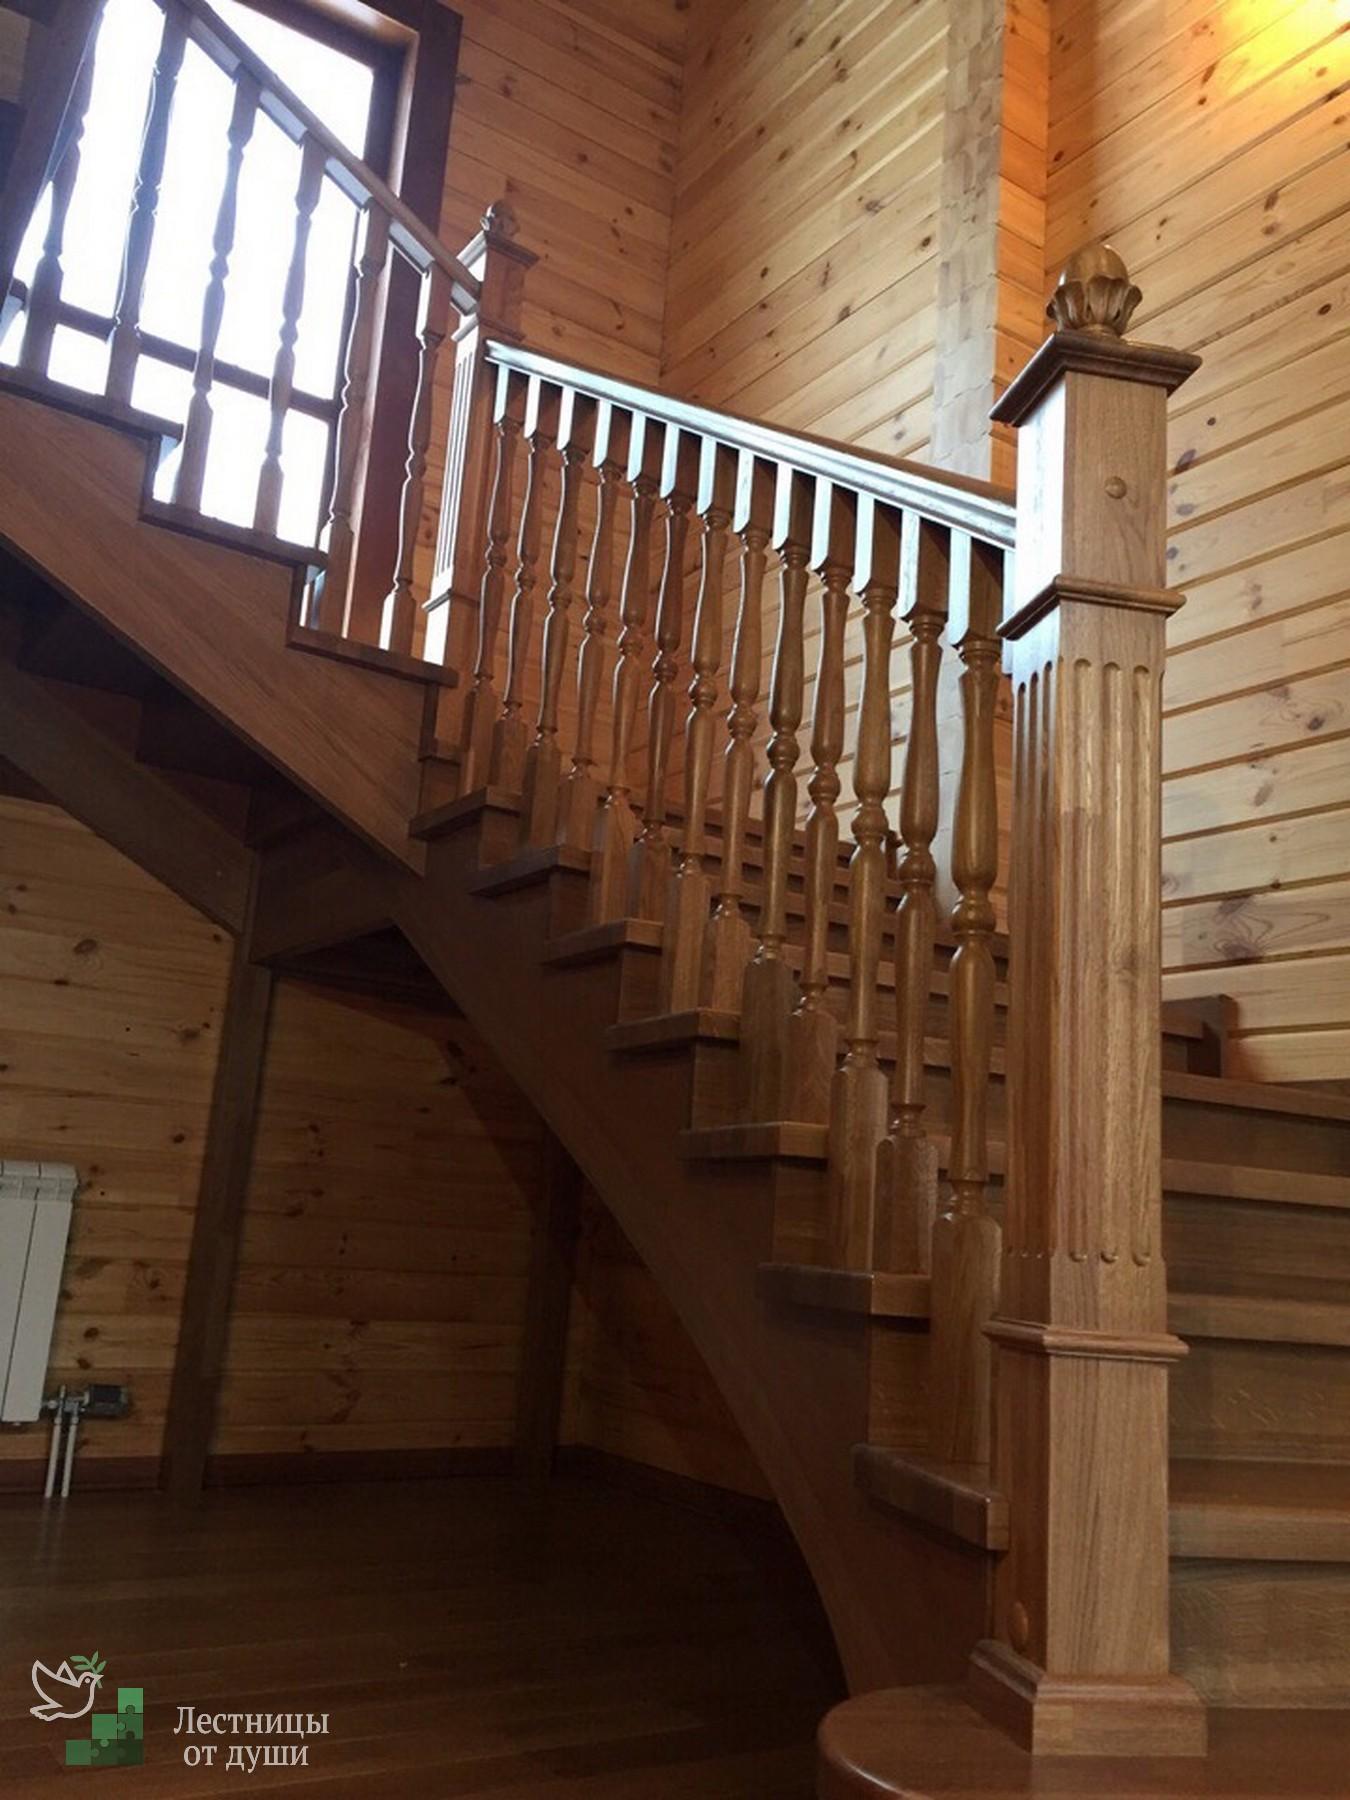 Лестница из дуба в классическом стиле